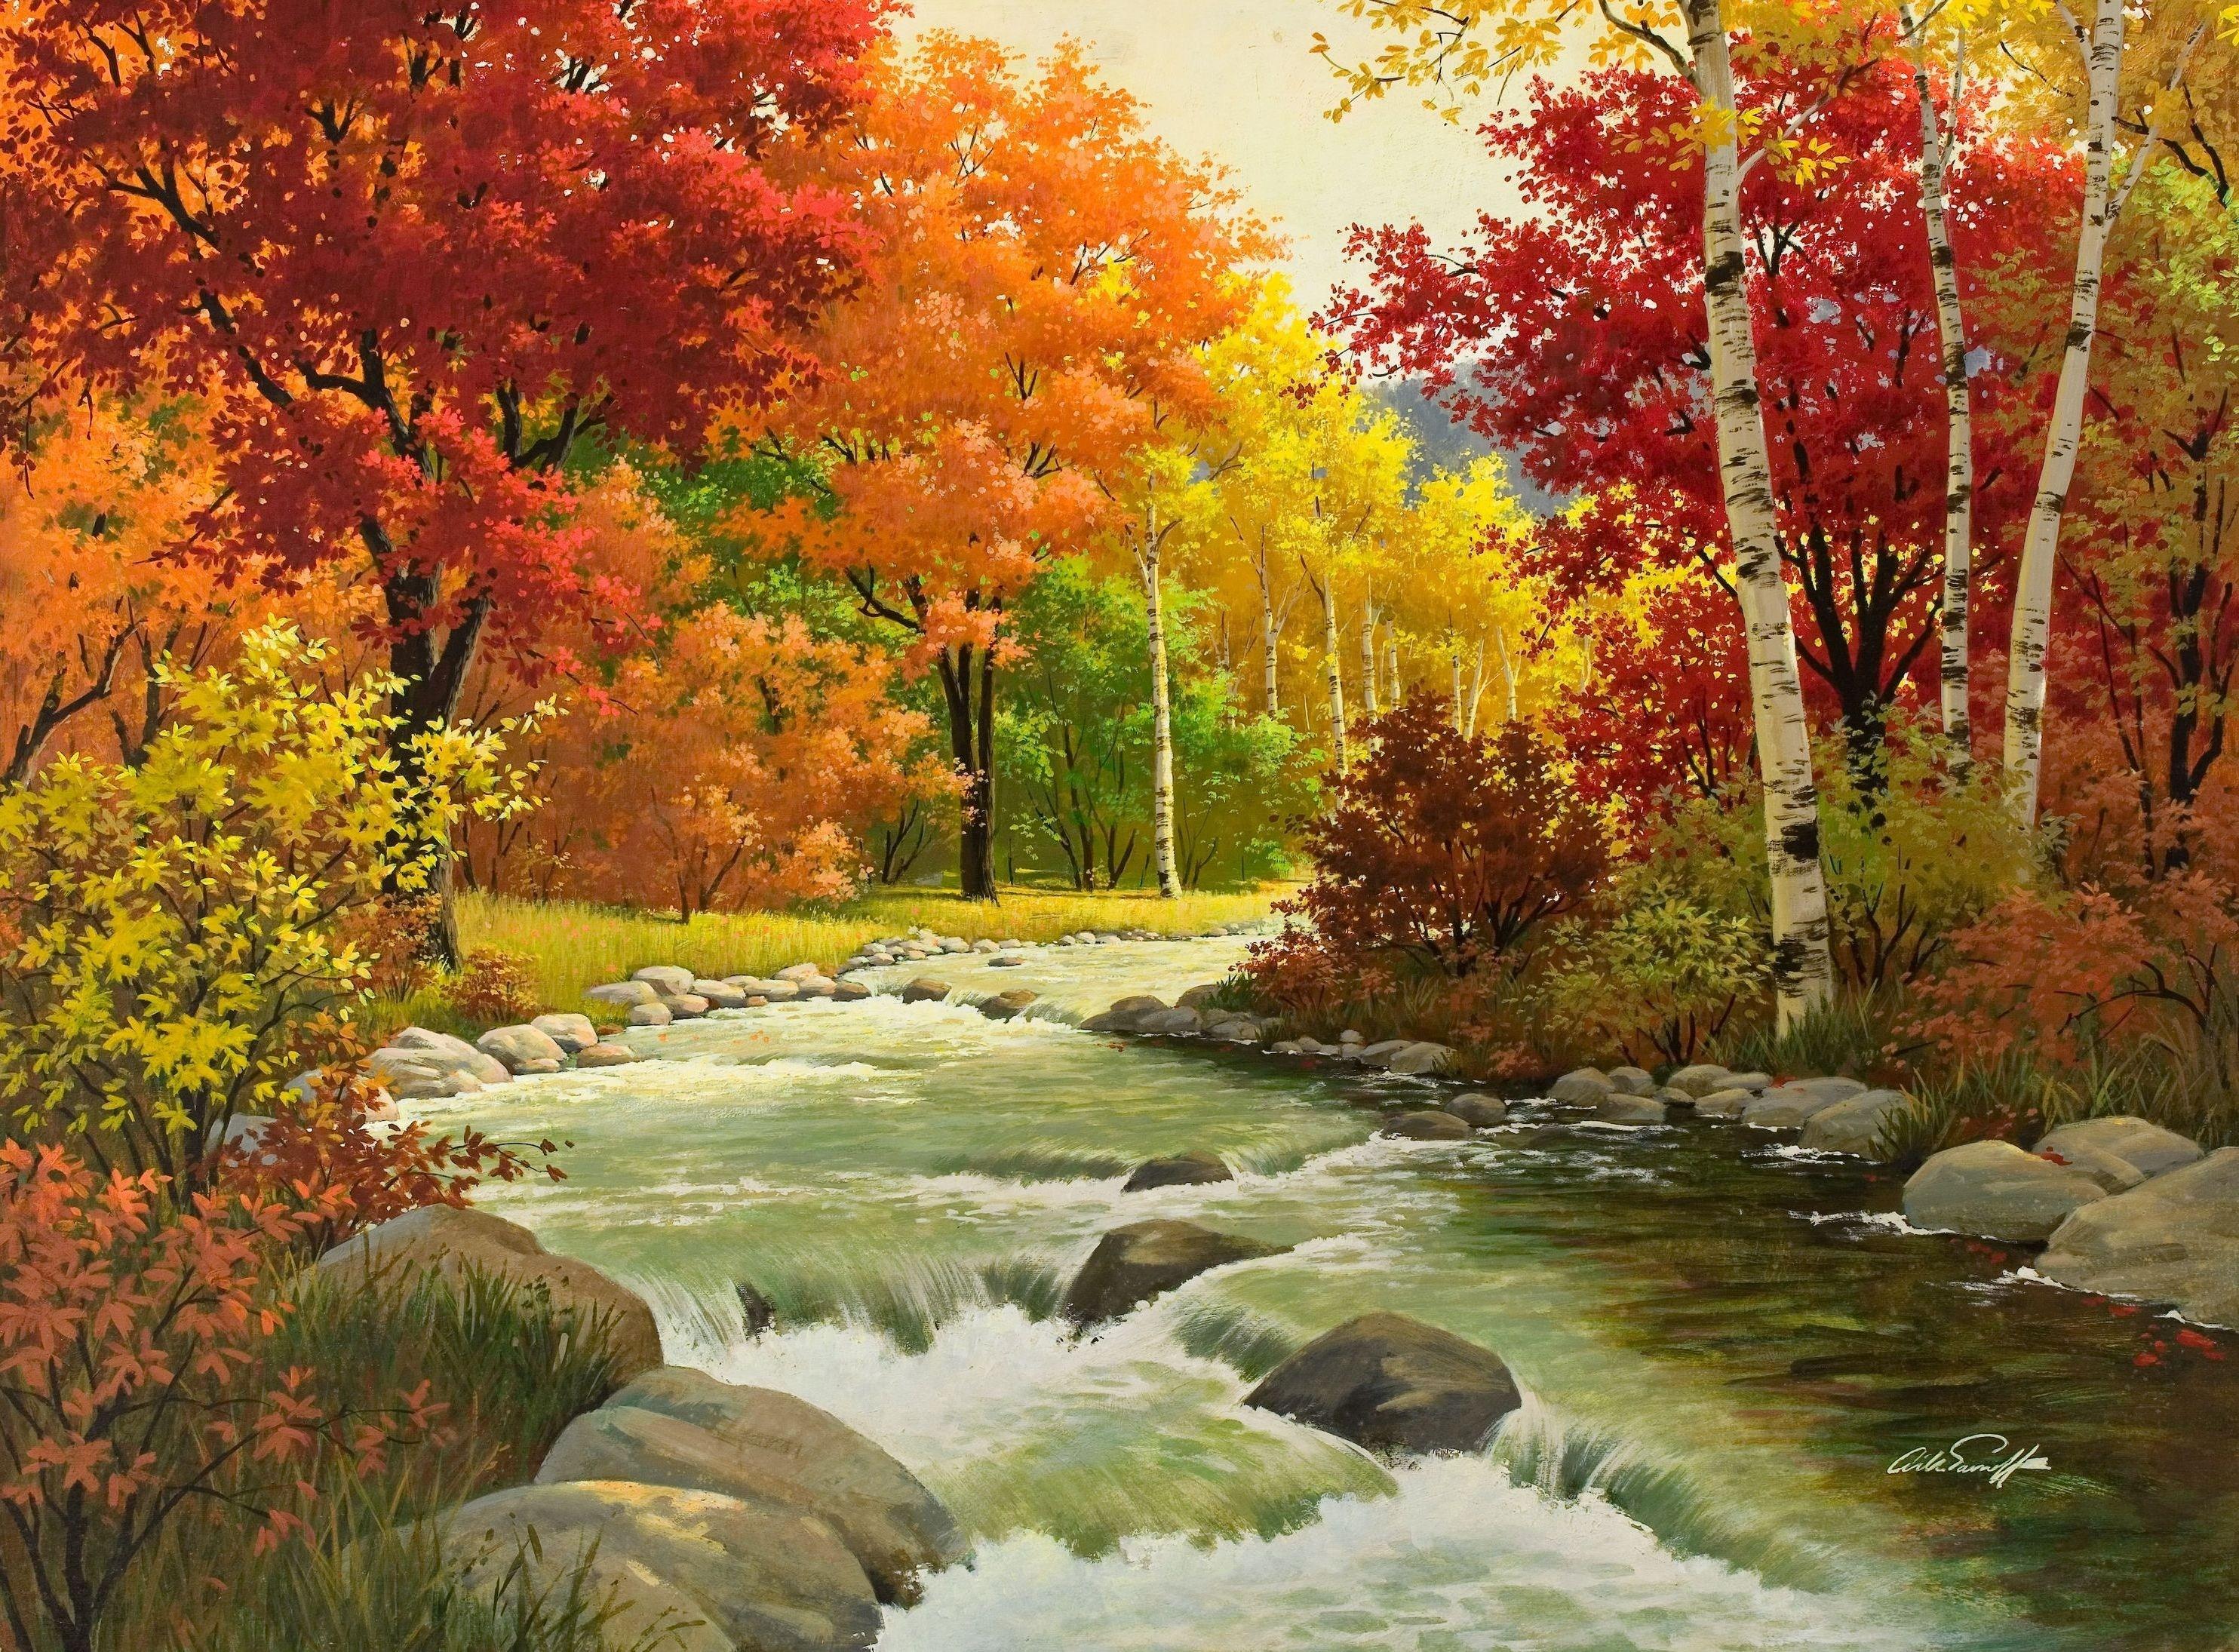 Vallen schilderij wallpaper   ForWallpapercom 2968x2190